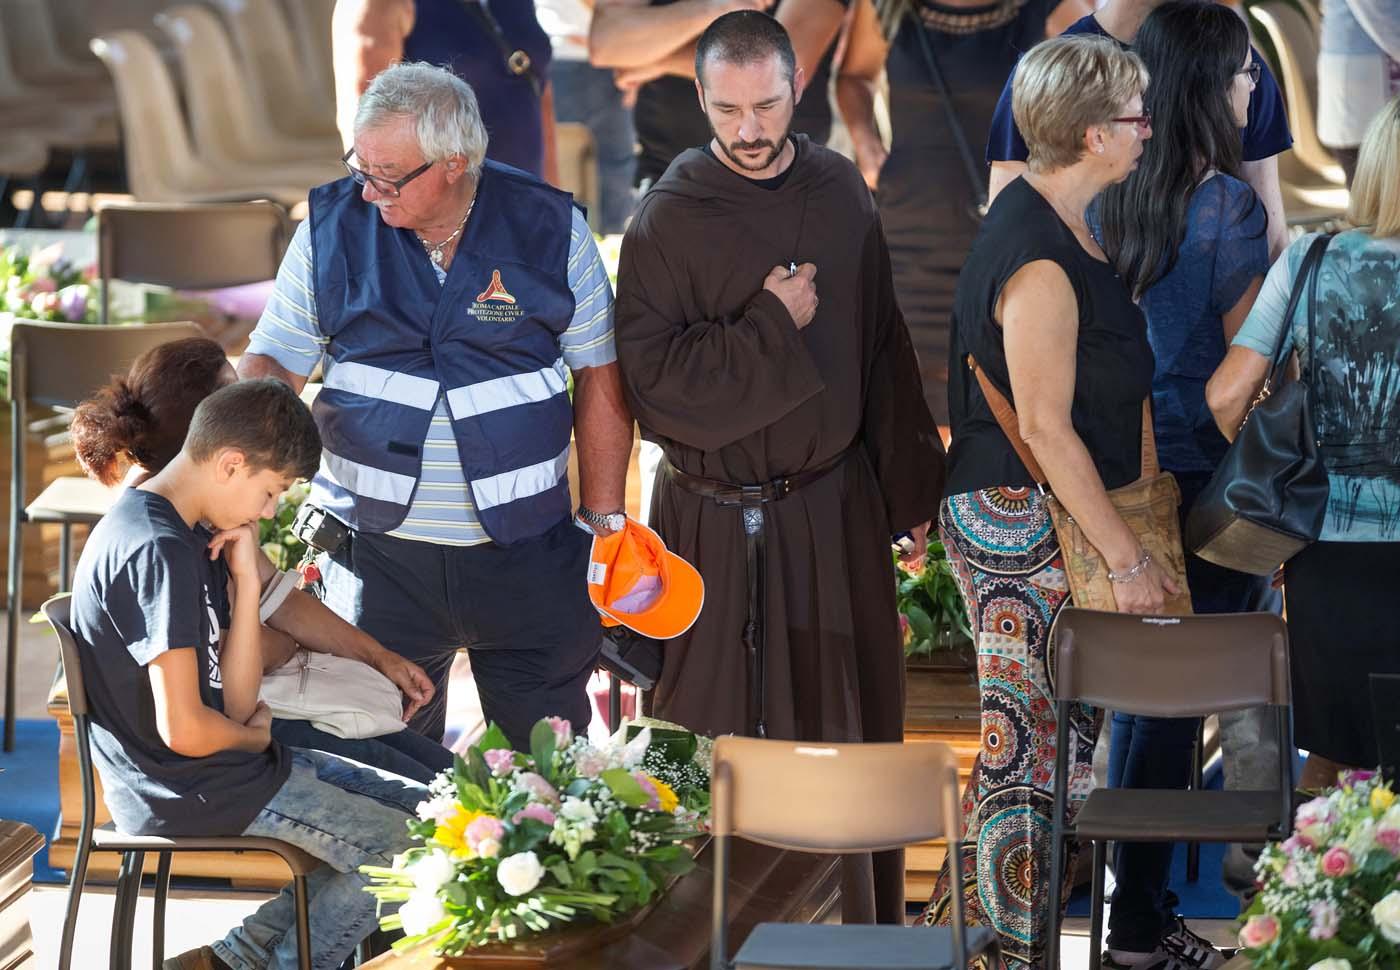 Con honores y luto nacional, Italia entierra a los muertos del sismo